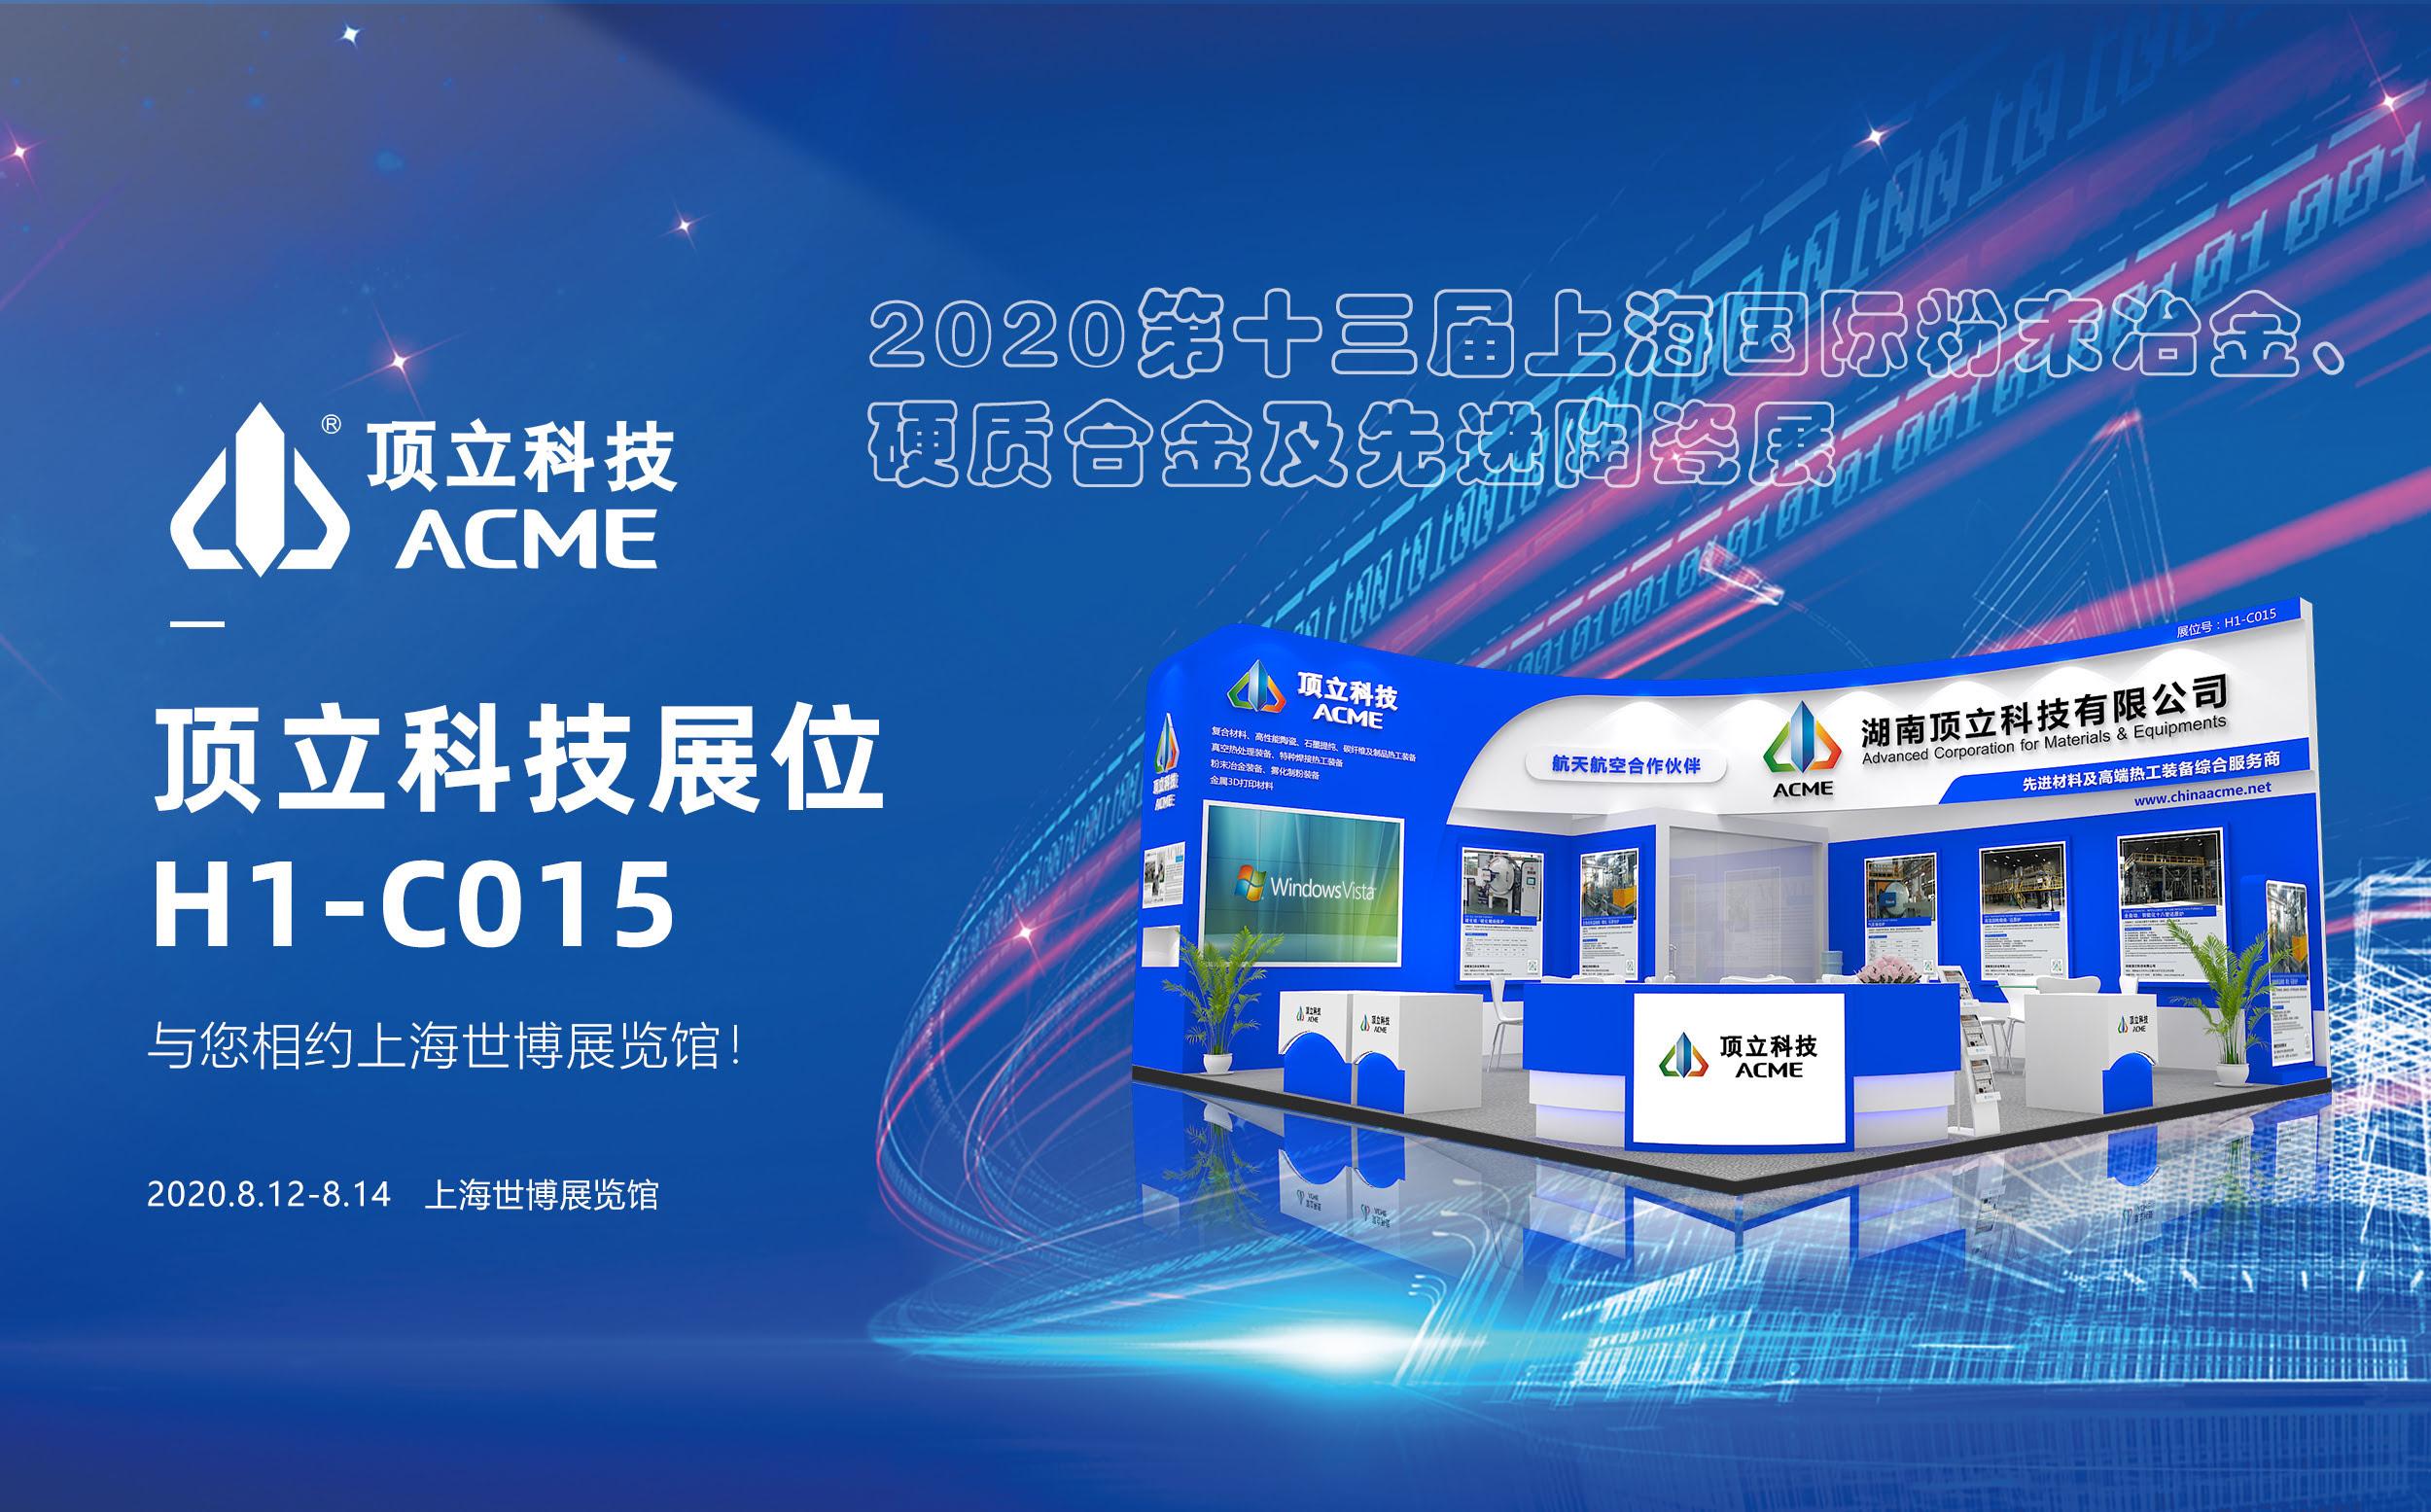 顶立科技与您相聚——上海国际粉末冶金、硬质合金及先进陶瓷展